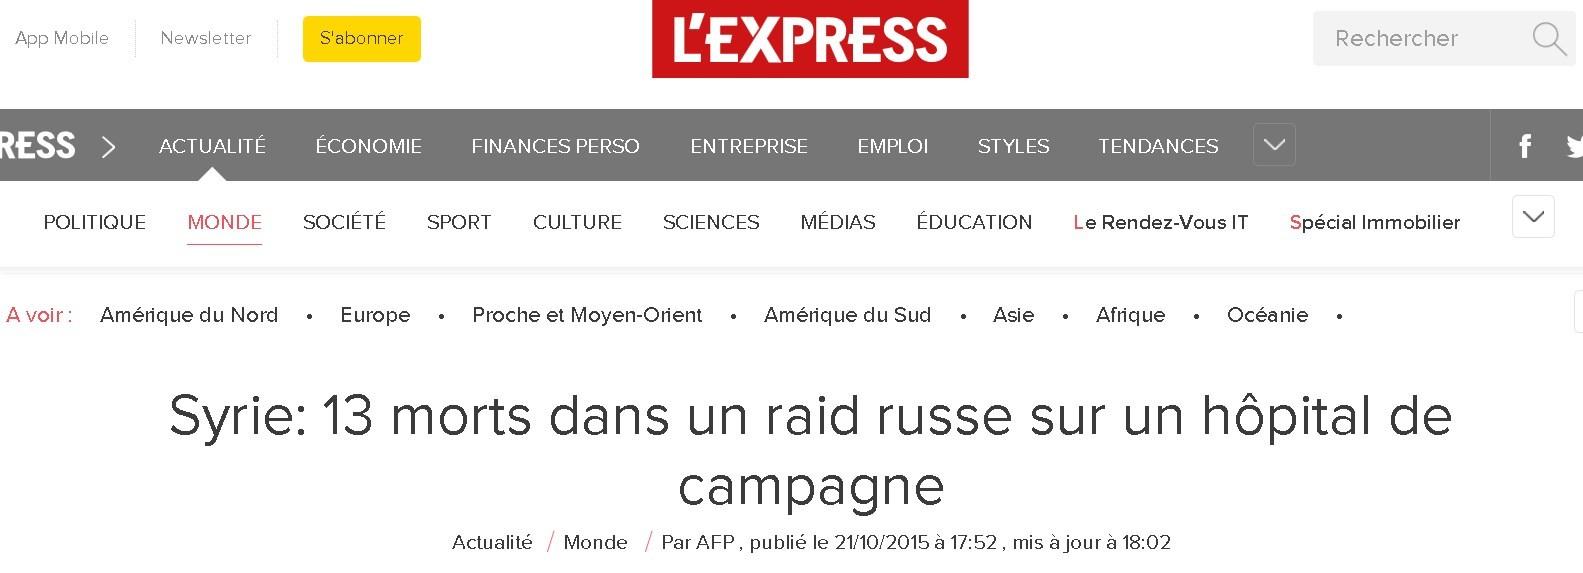 Capture d'écran du site L'Express